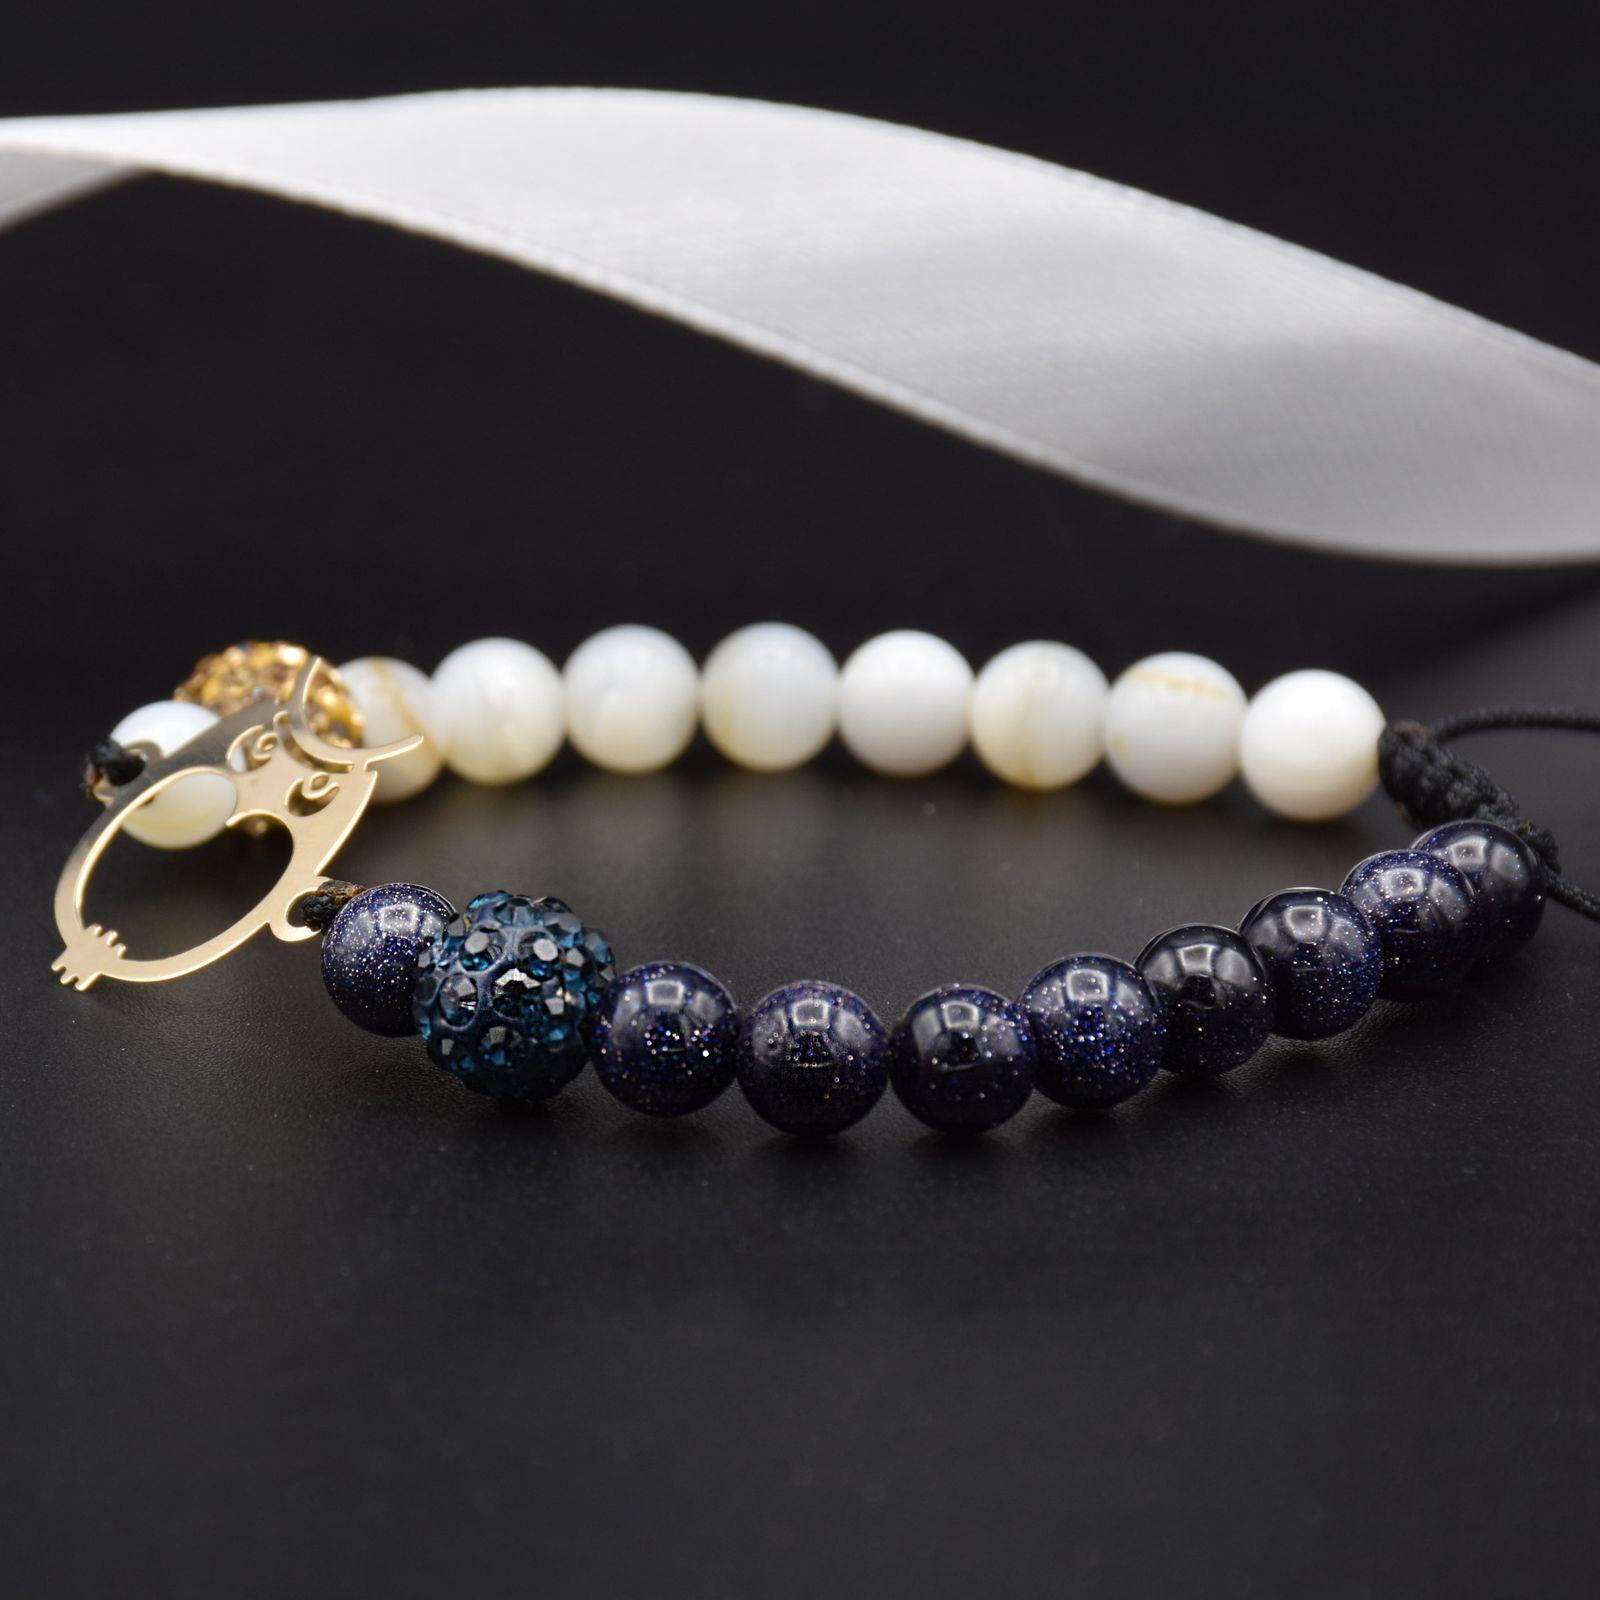 دستبند طلا 18 عیار زنانه آمانژ طرح جغد کد 943D8897 -  - 2